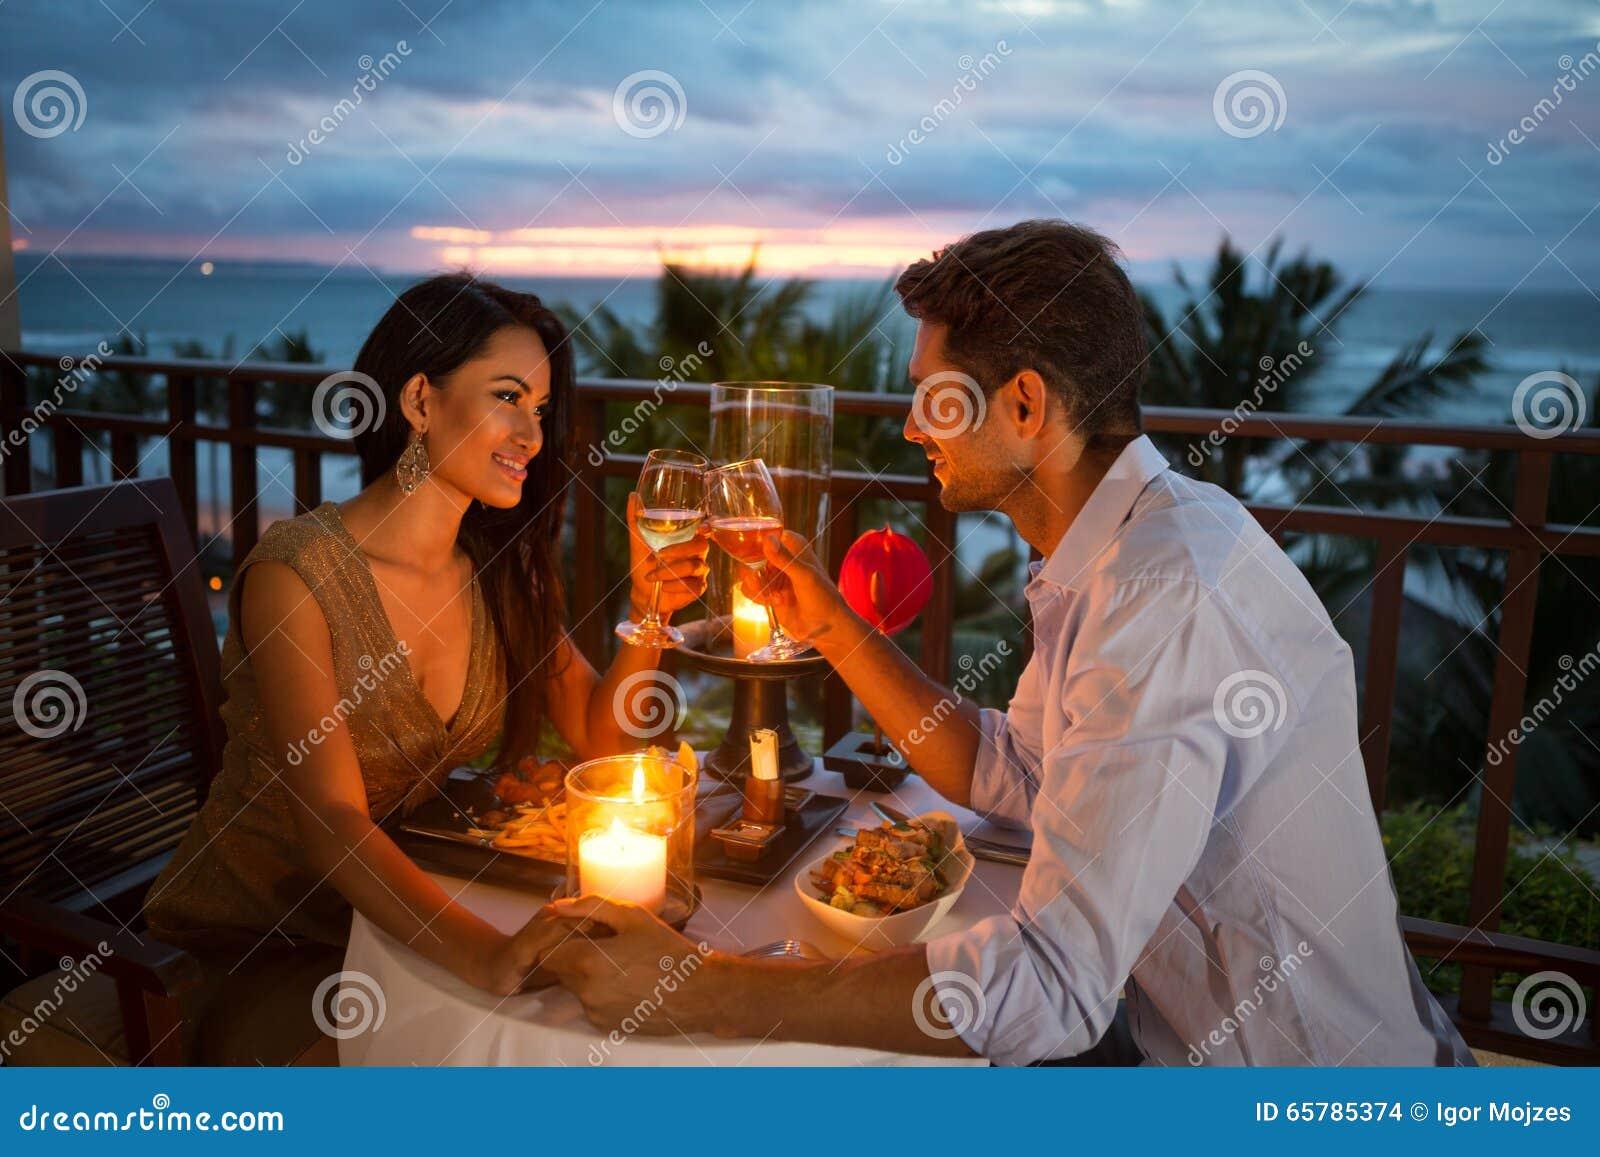 Пары наслаждаясь романтичным обедающим светом горящей свечи